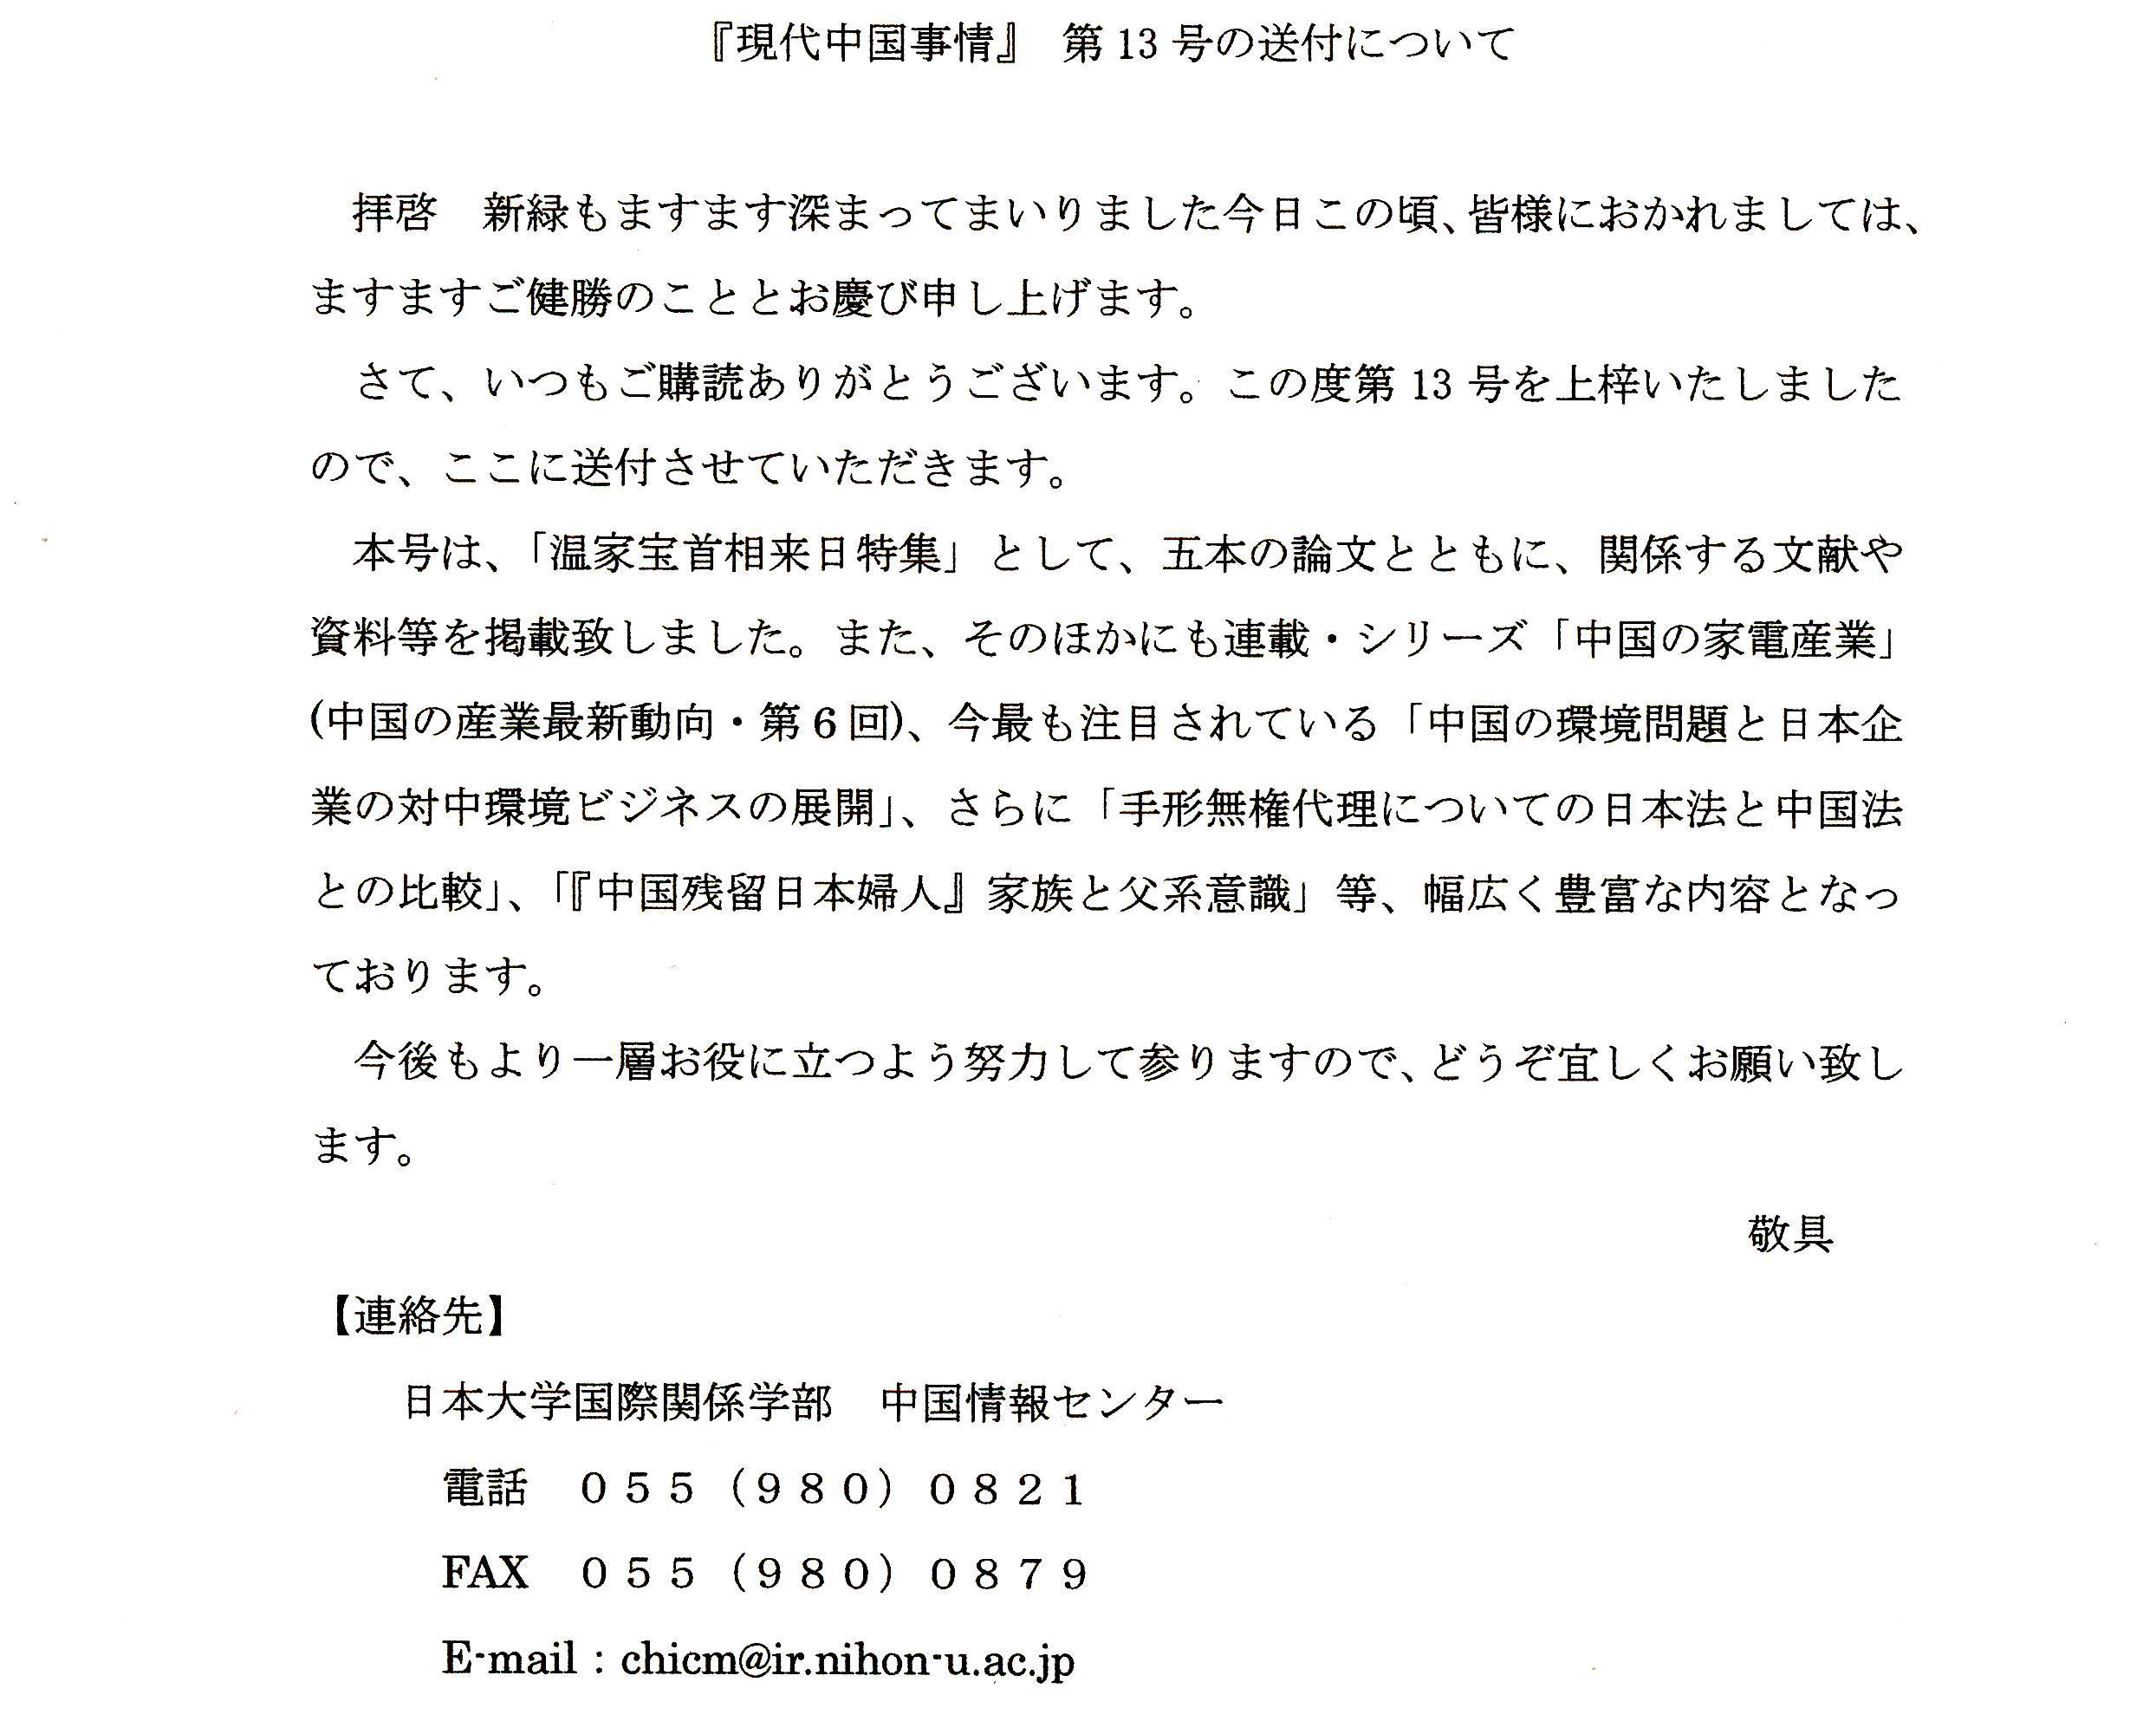 日本大学国際関係学部中国情報センター『現代中国事情』第13号発行_d0027795_11483891.jpg